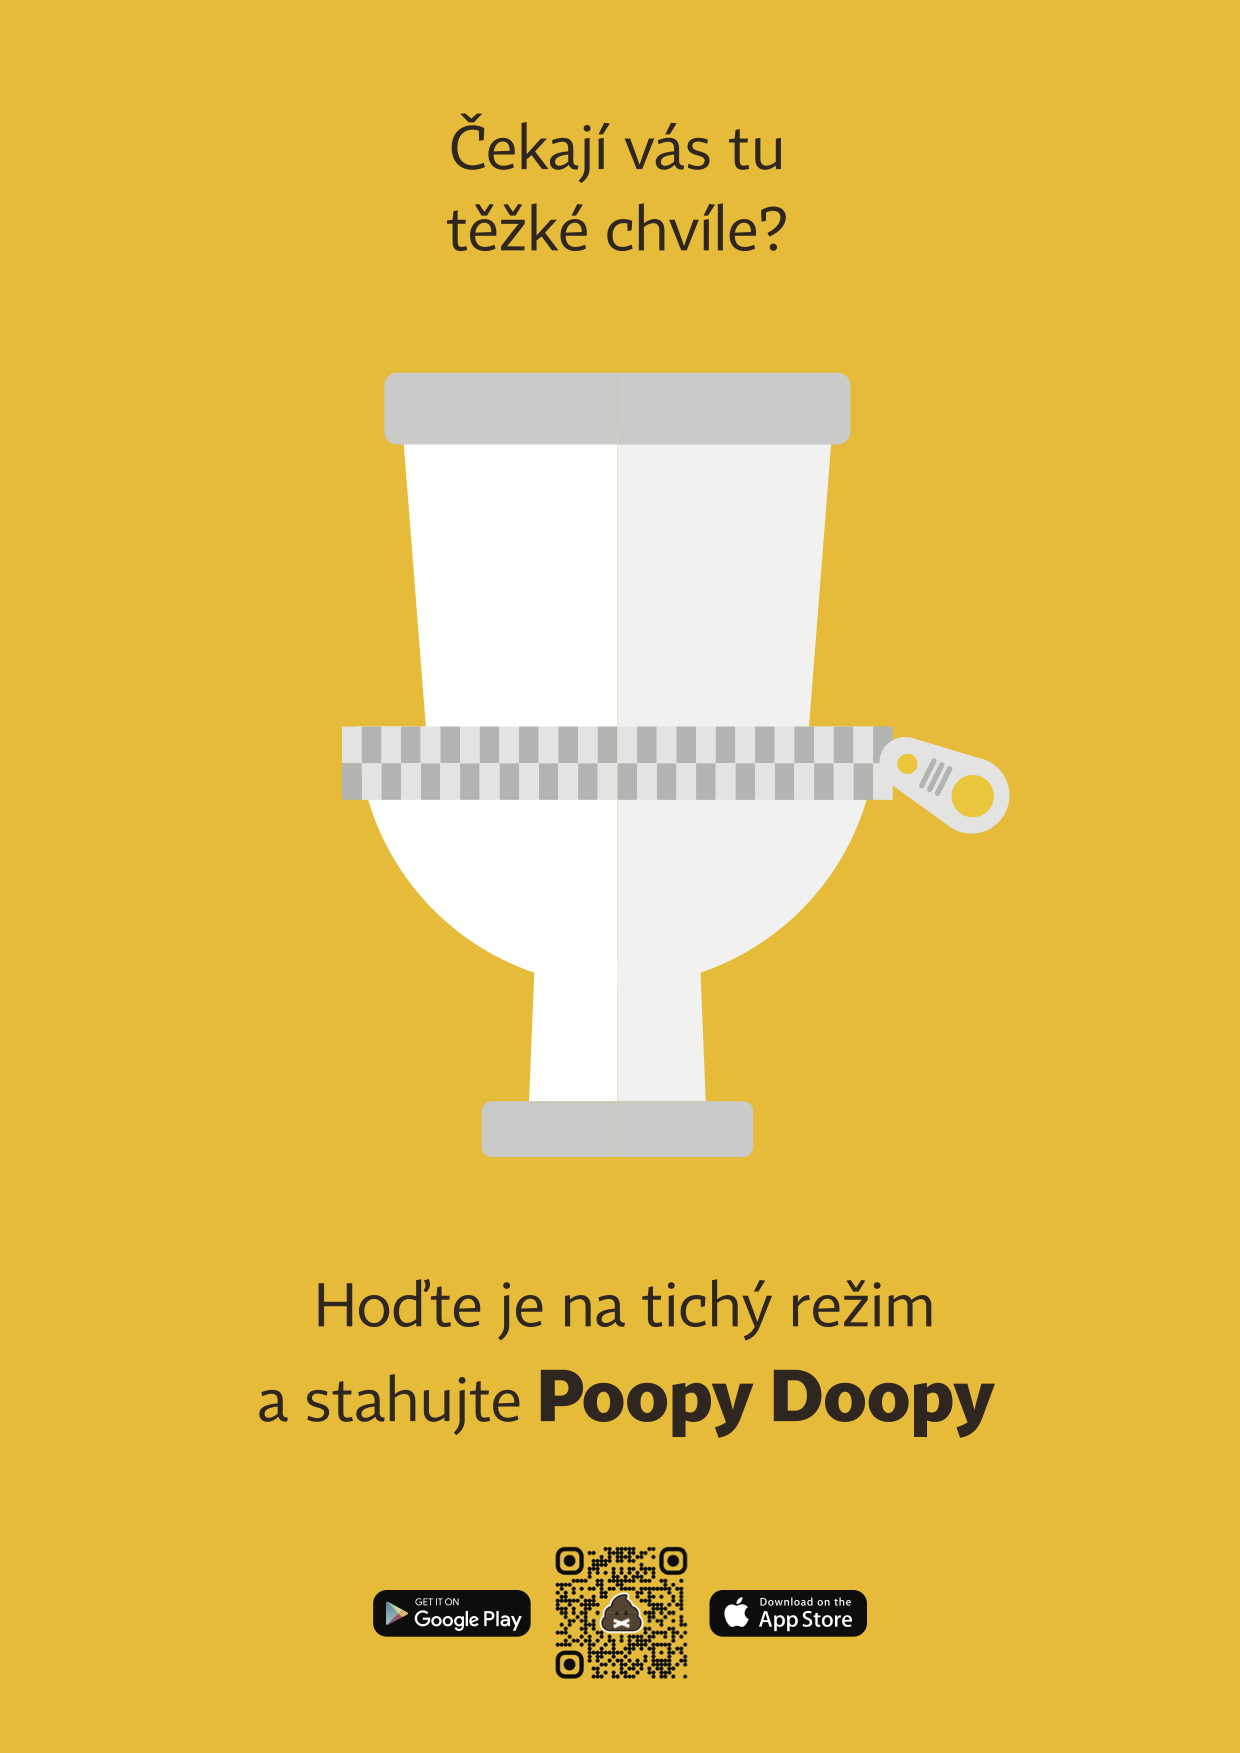 Aplikaci Poopy Doopy propaguje plakát s netradiční podobou QR kódu